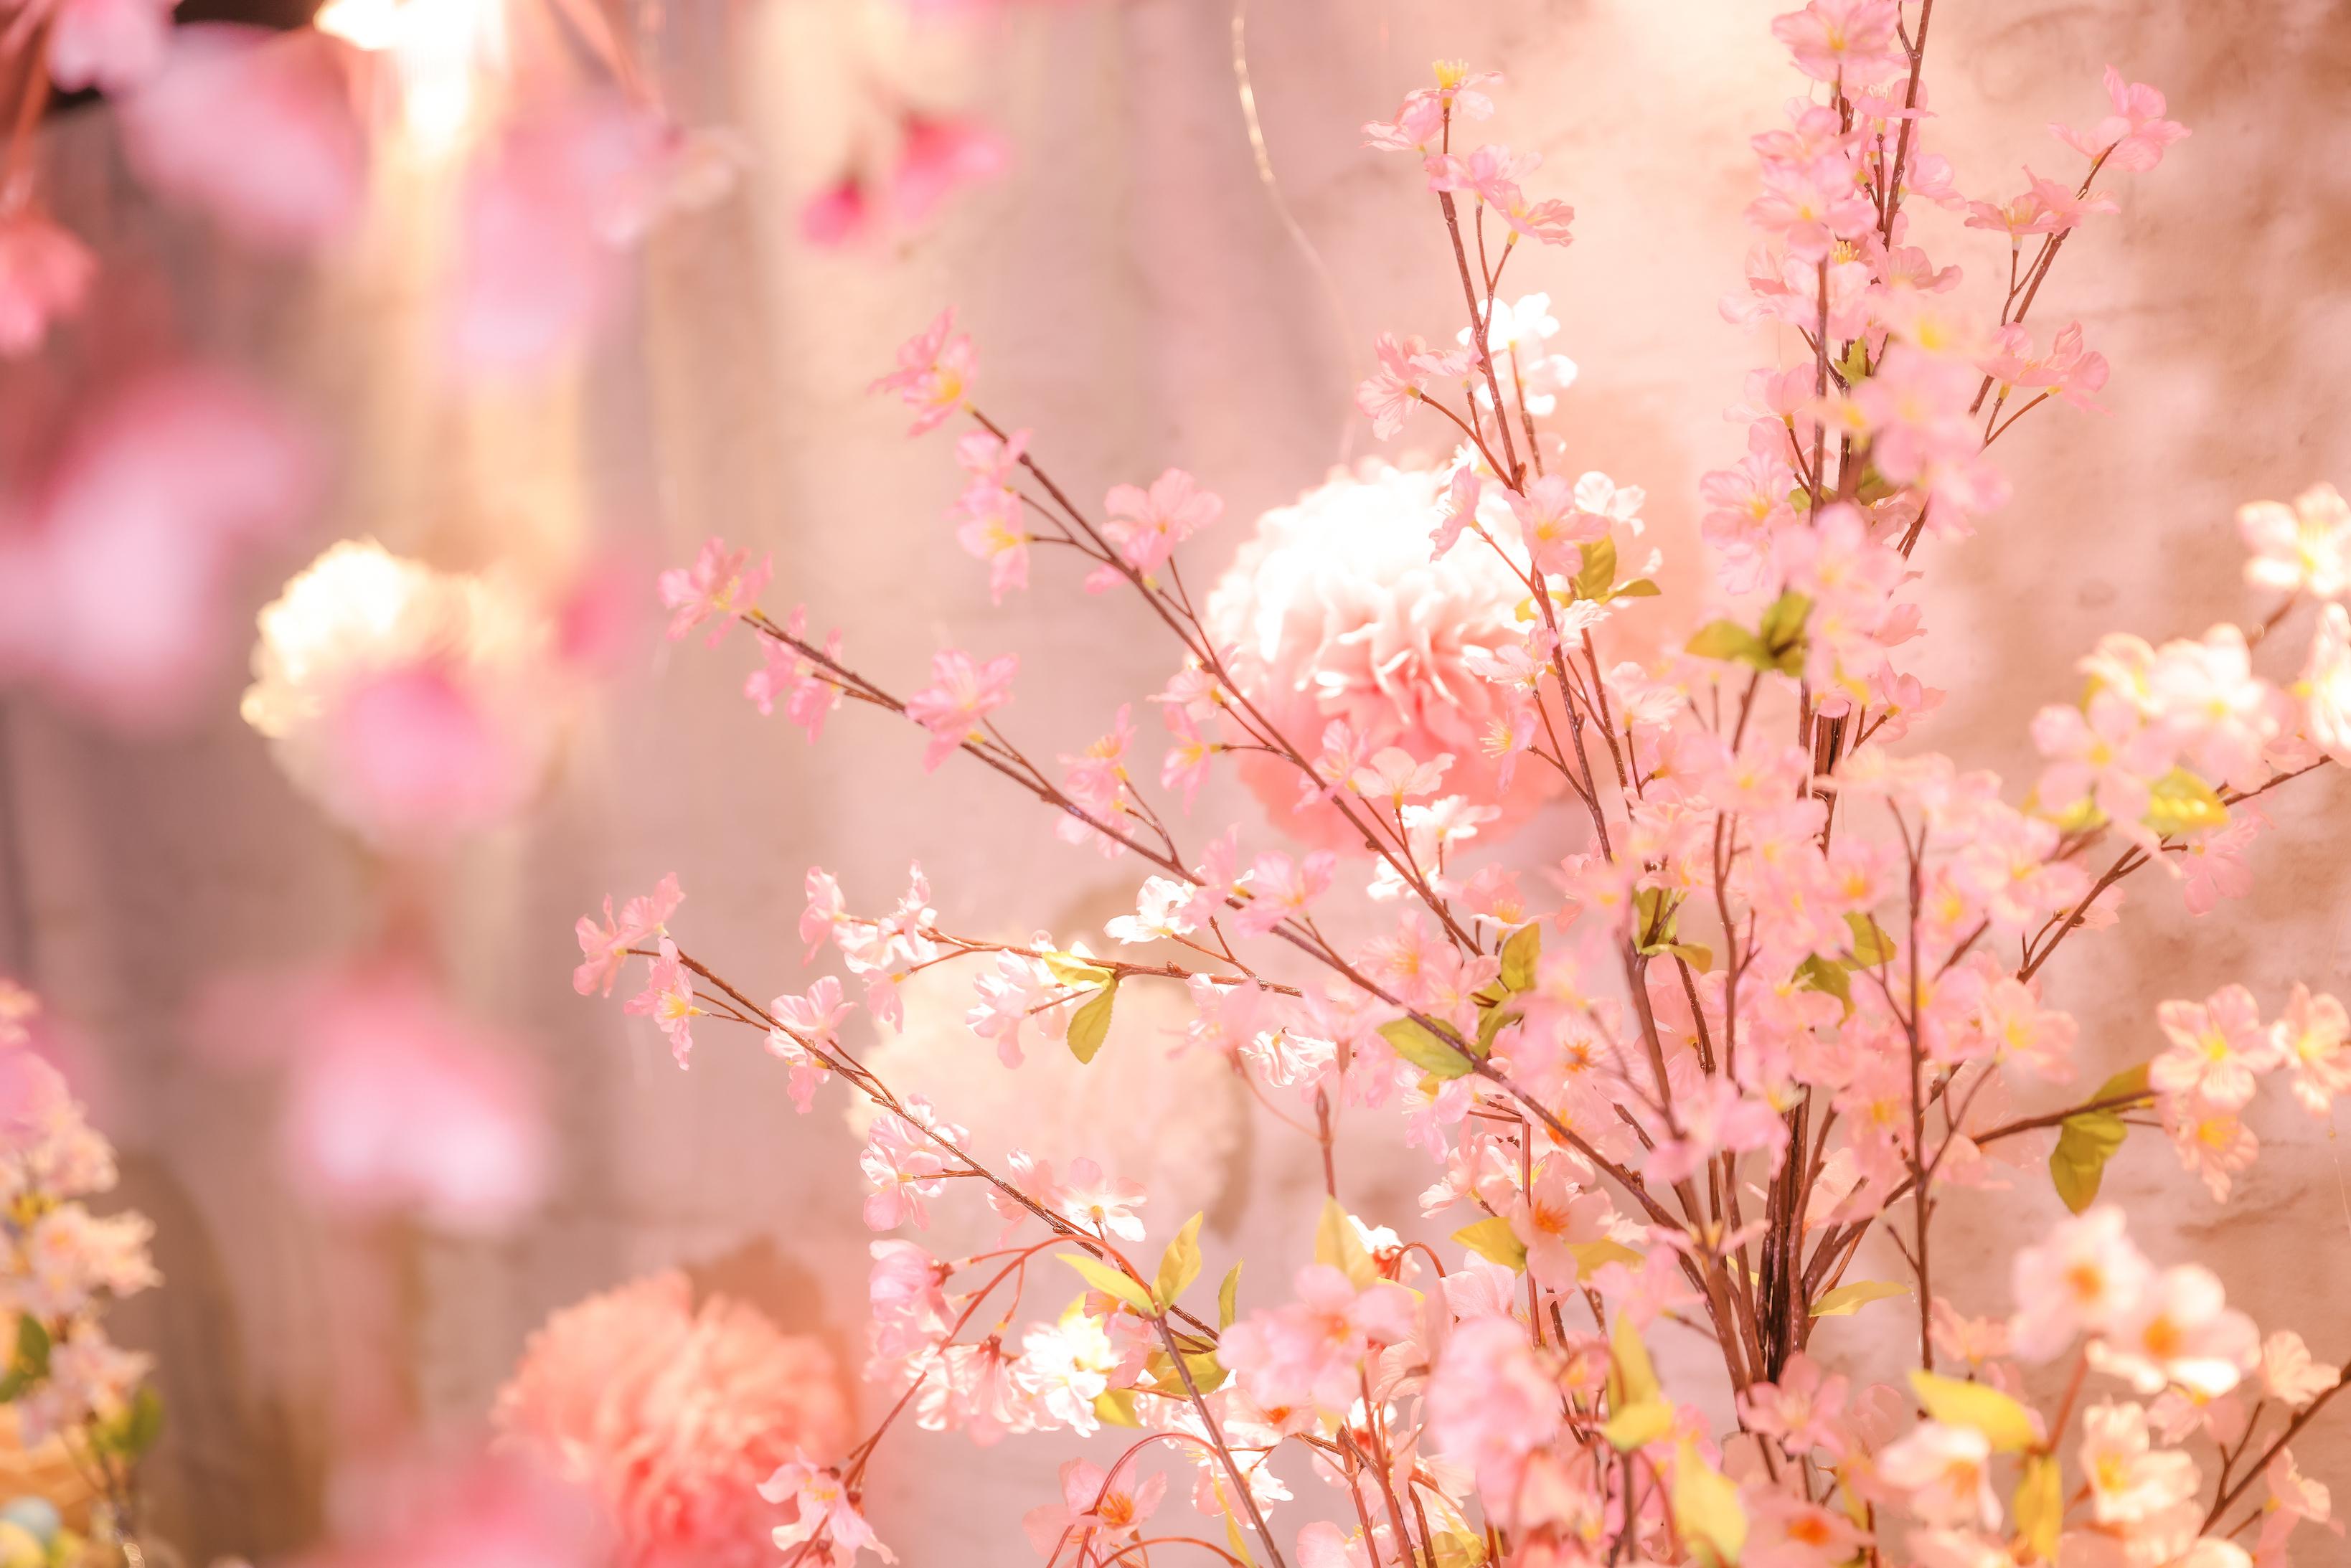 桜満開でお待ちしております♪ - 大手町スペースブリッド コワーキング撮影スタジオ の室内の写真